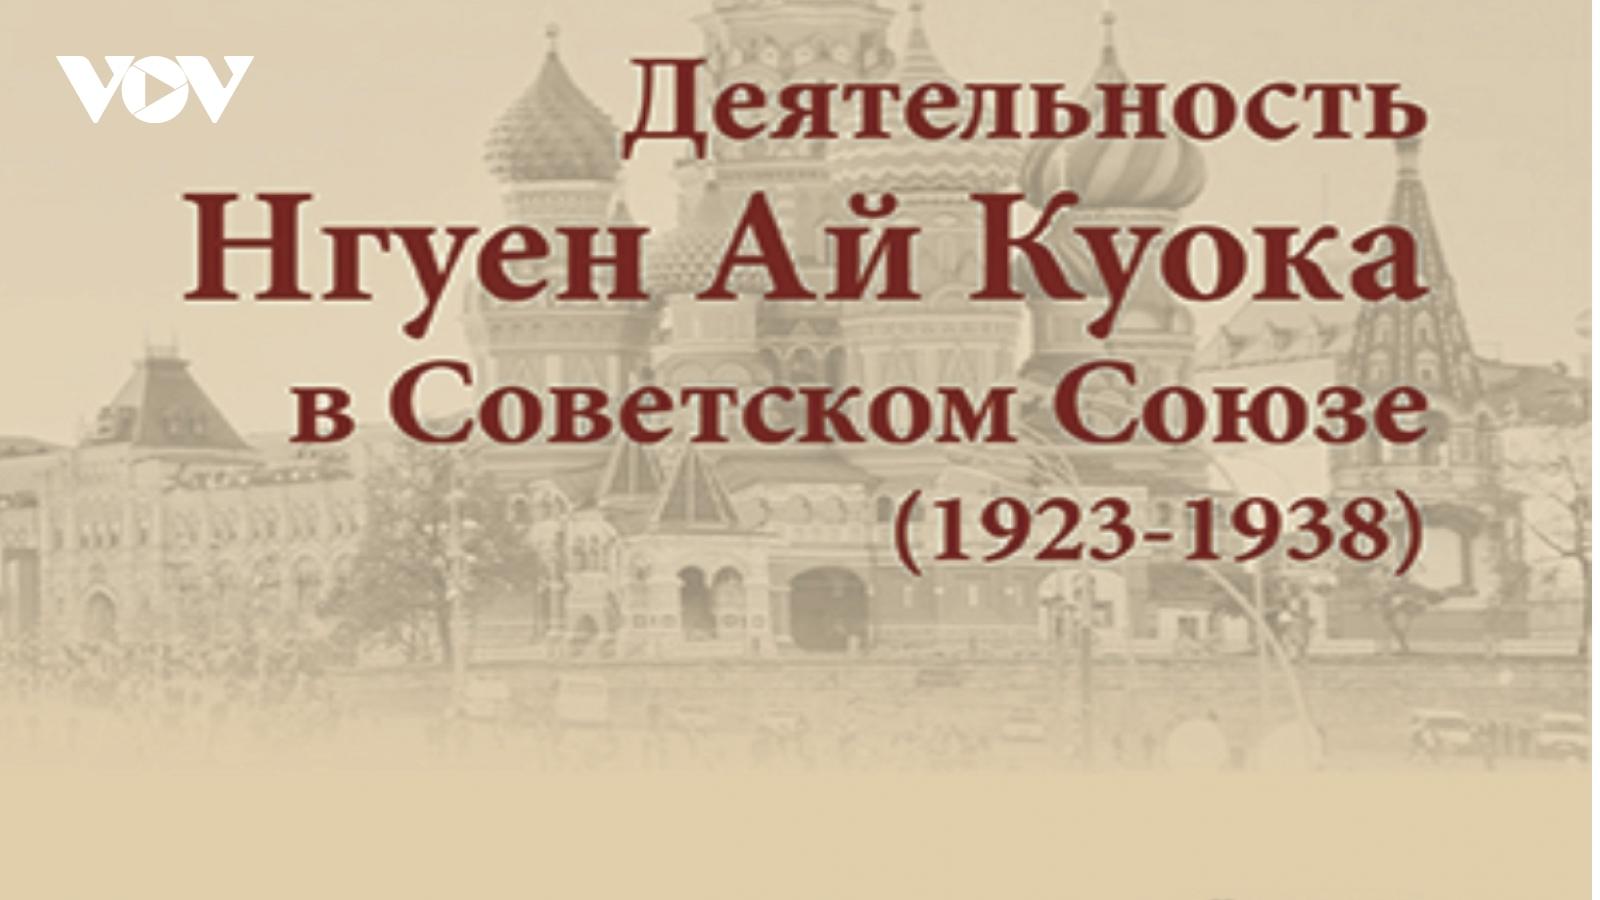 Dịch và giới thiệu sách về Bác với độc giả Ngađể hai dân tộc thêm gắn bó